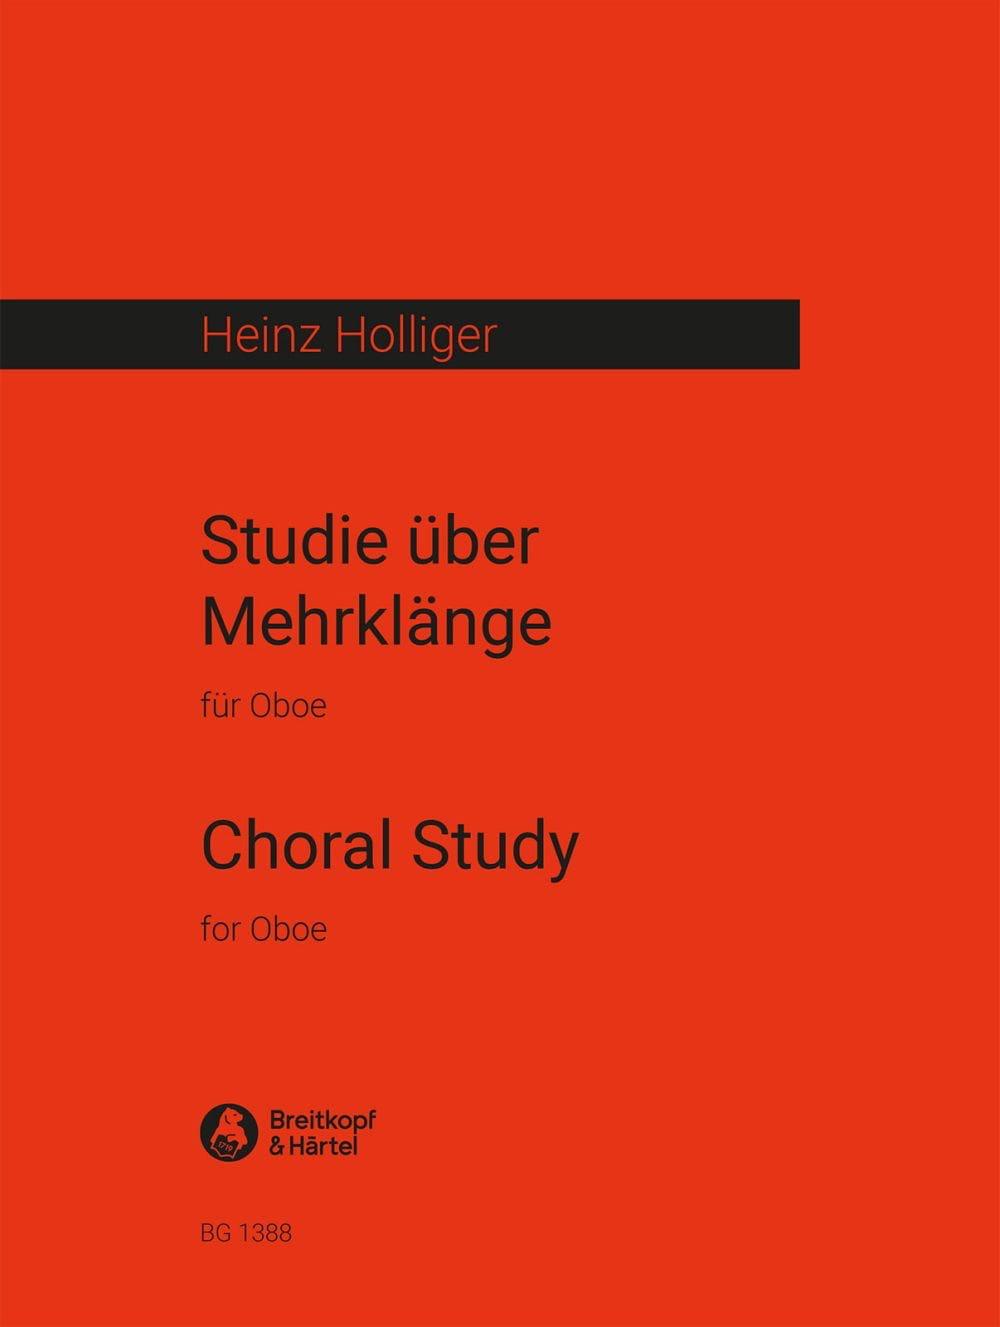 Studie über Mehrklänge - Heinz Holliger - Partition - laflutedepan.com